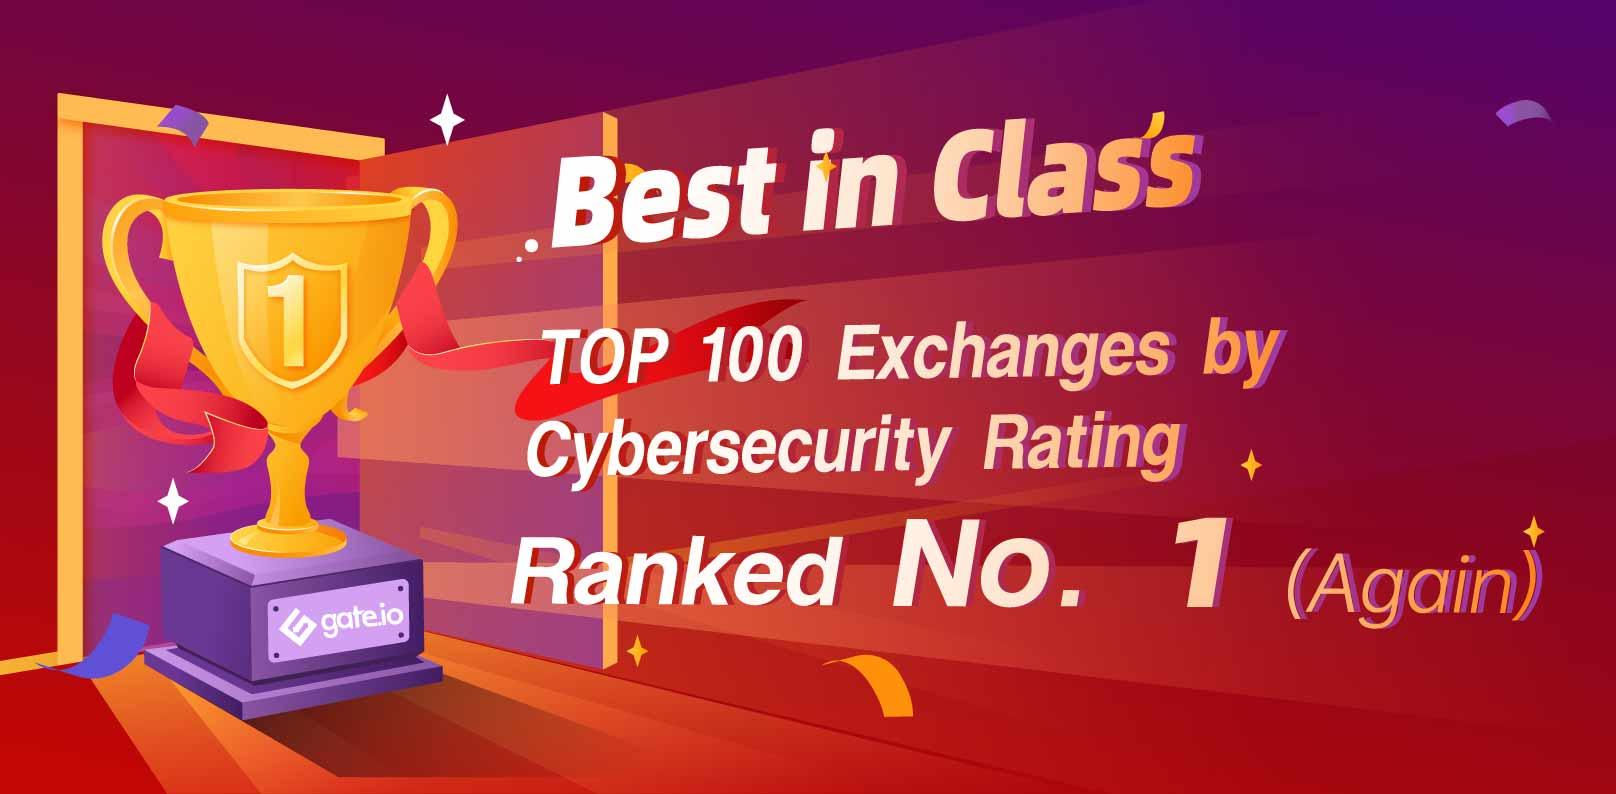 Gate.io荣获CER机构2020年8月全球最安全的交易平台排行第一名